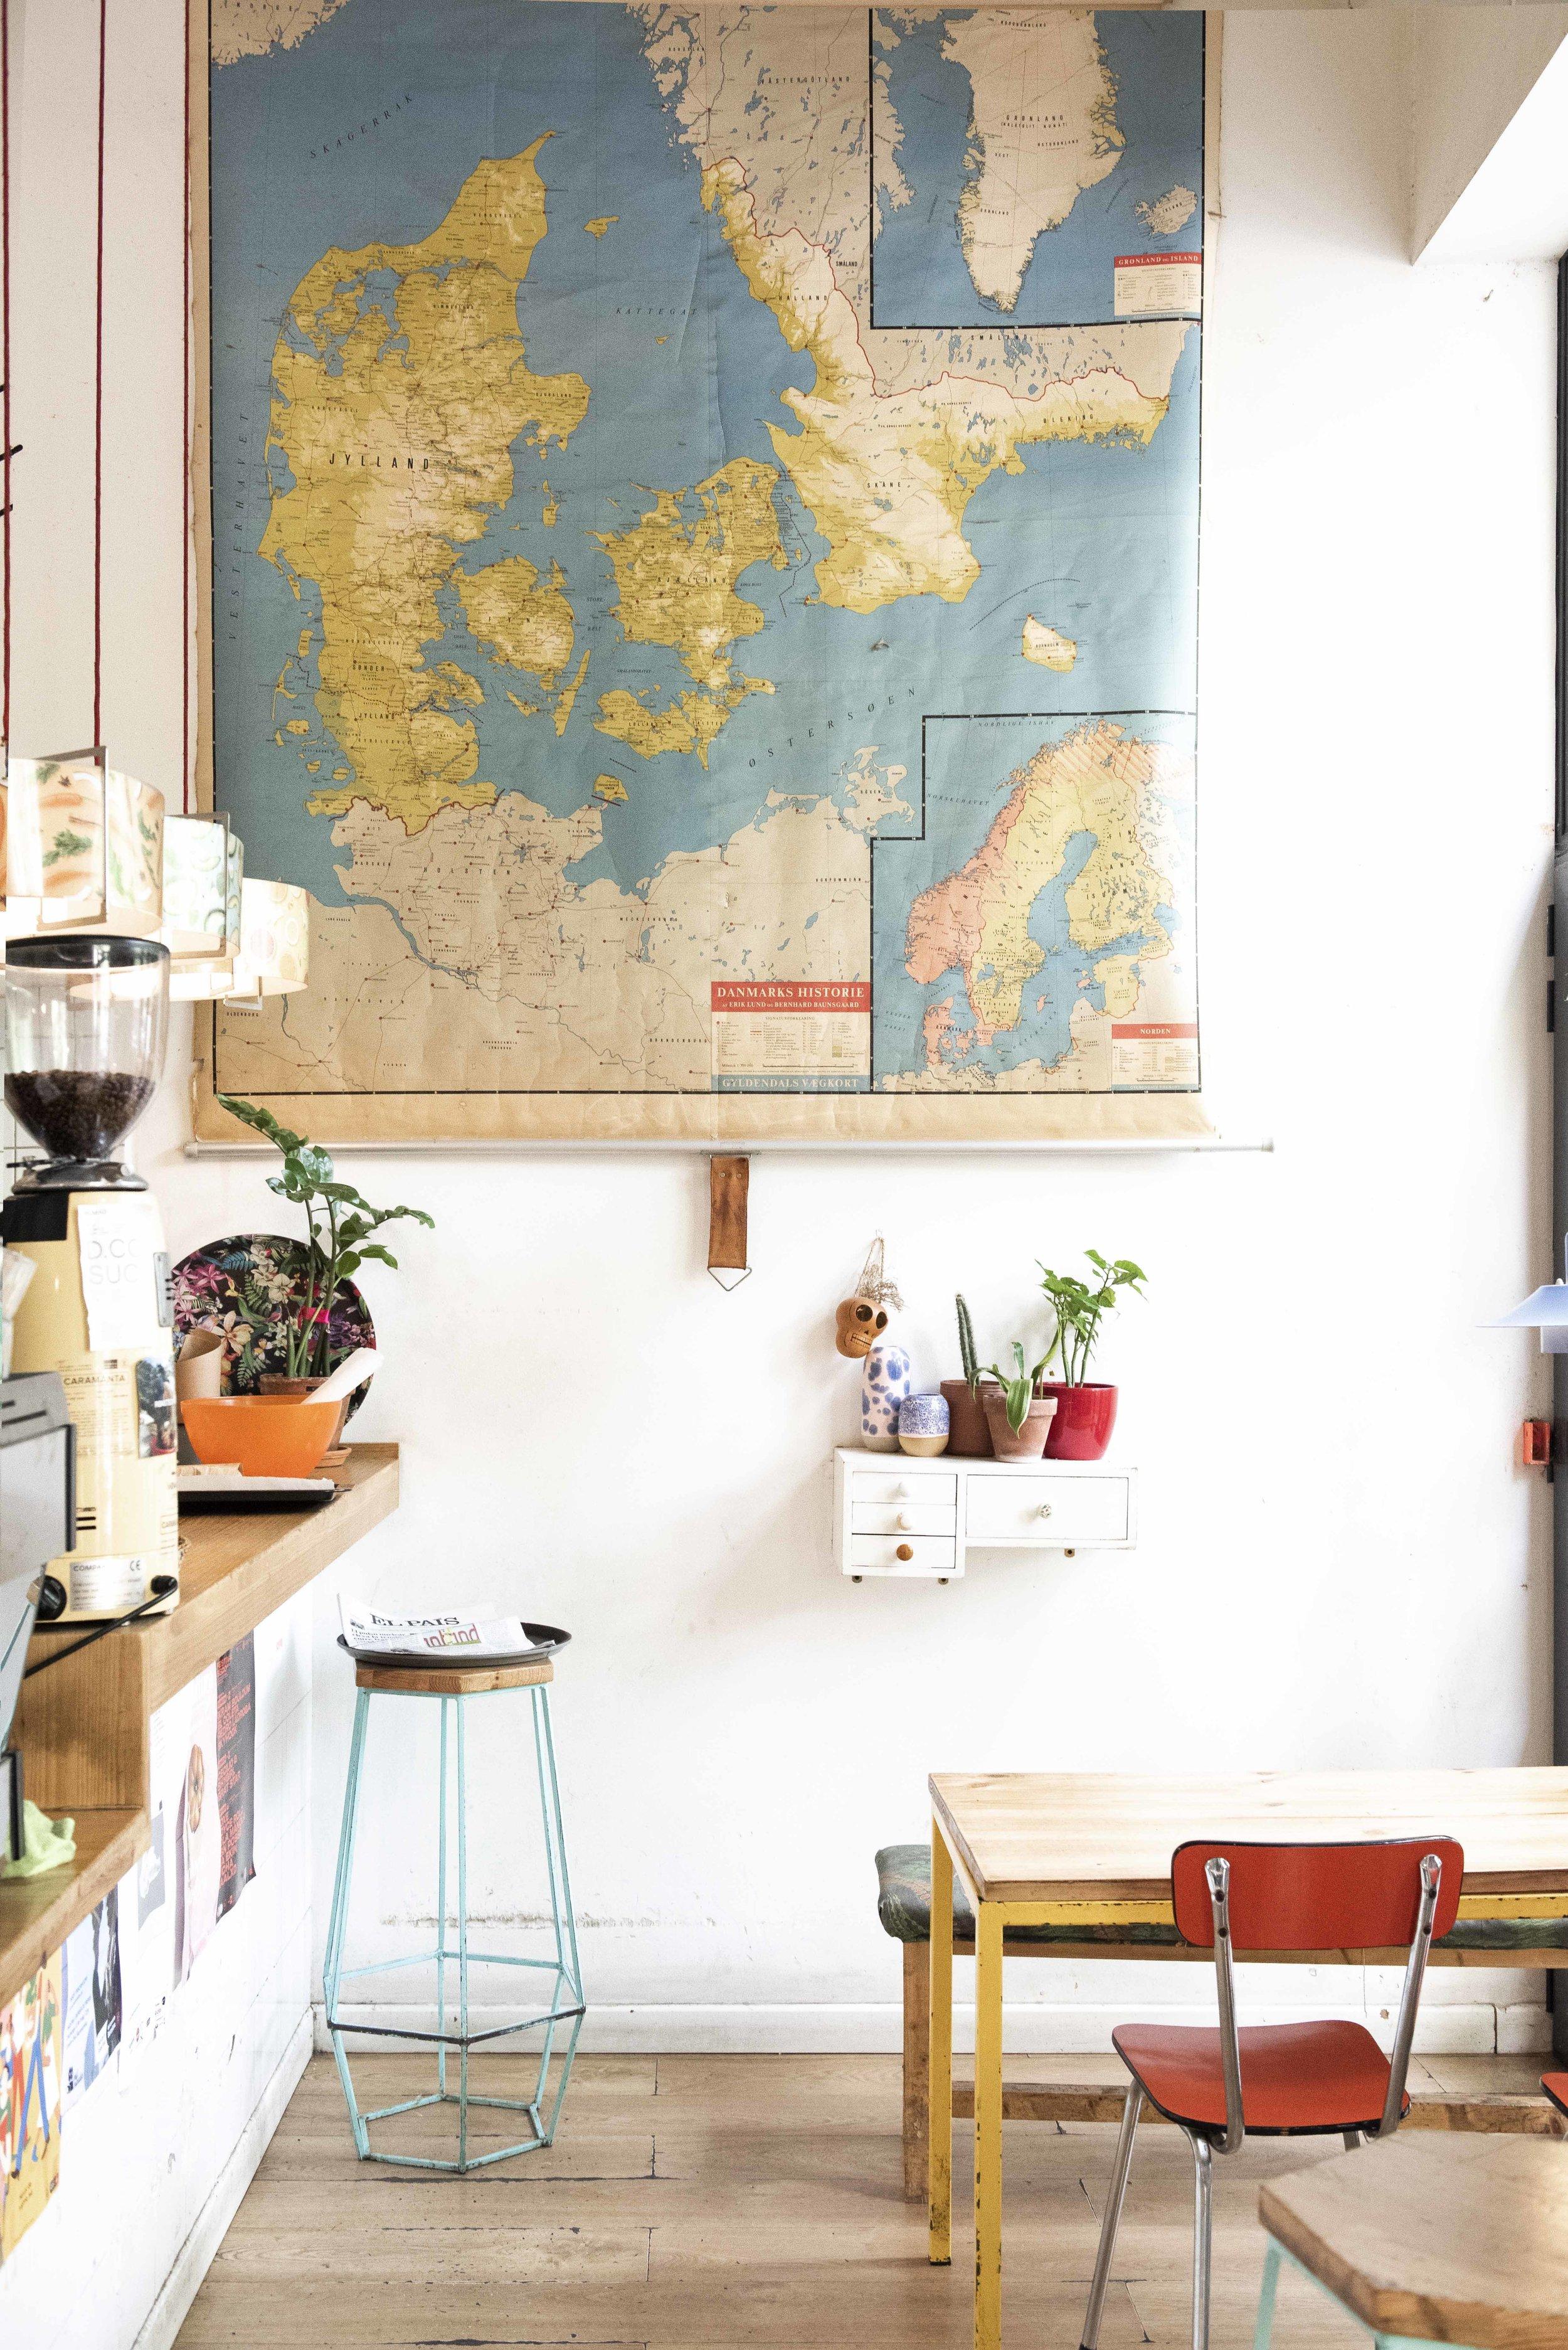 Cafe Cometa Barcelona. Photo © Barcelona Food Experience.